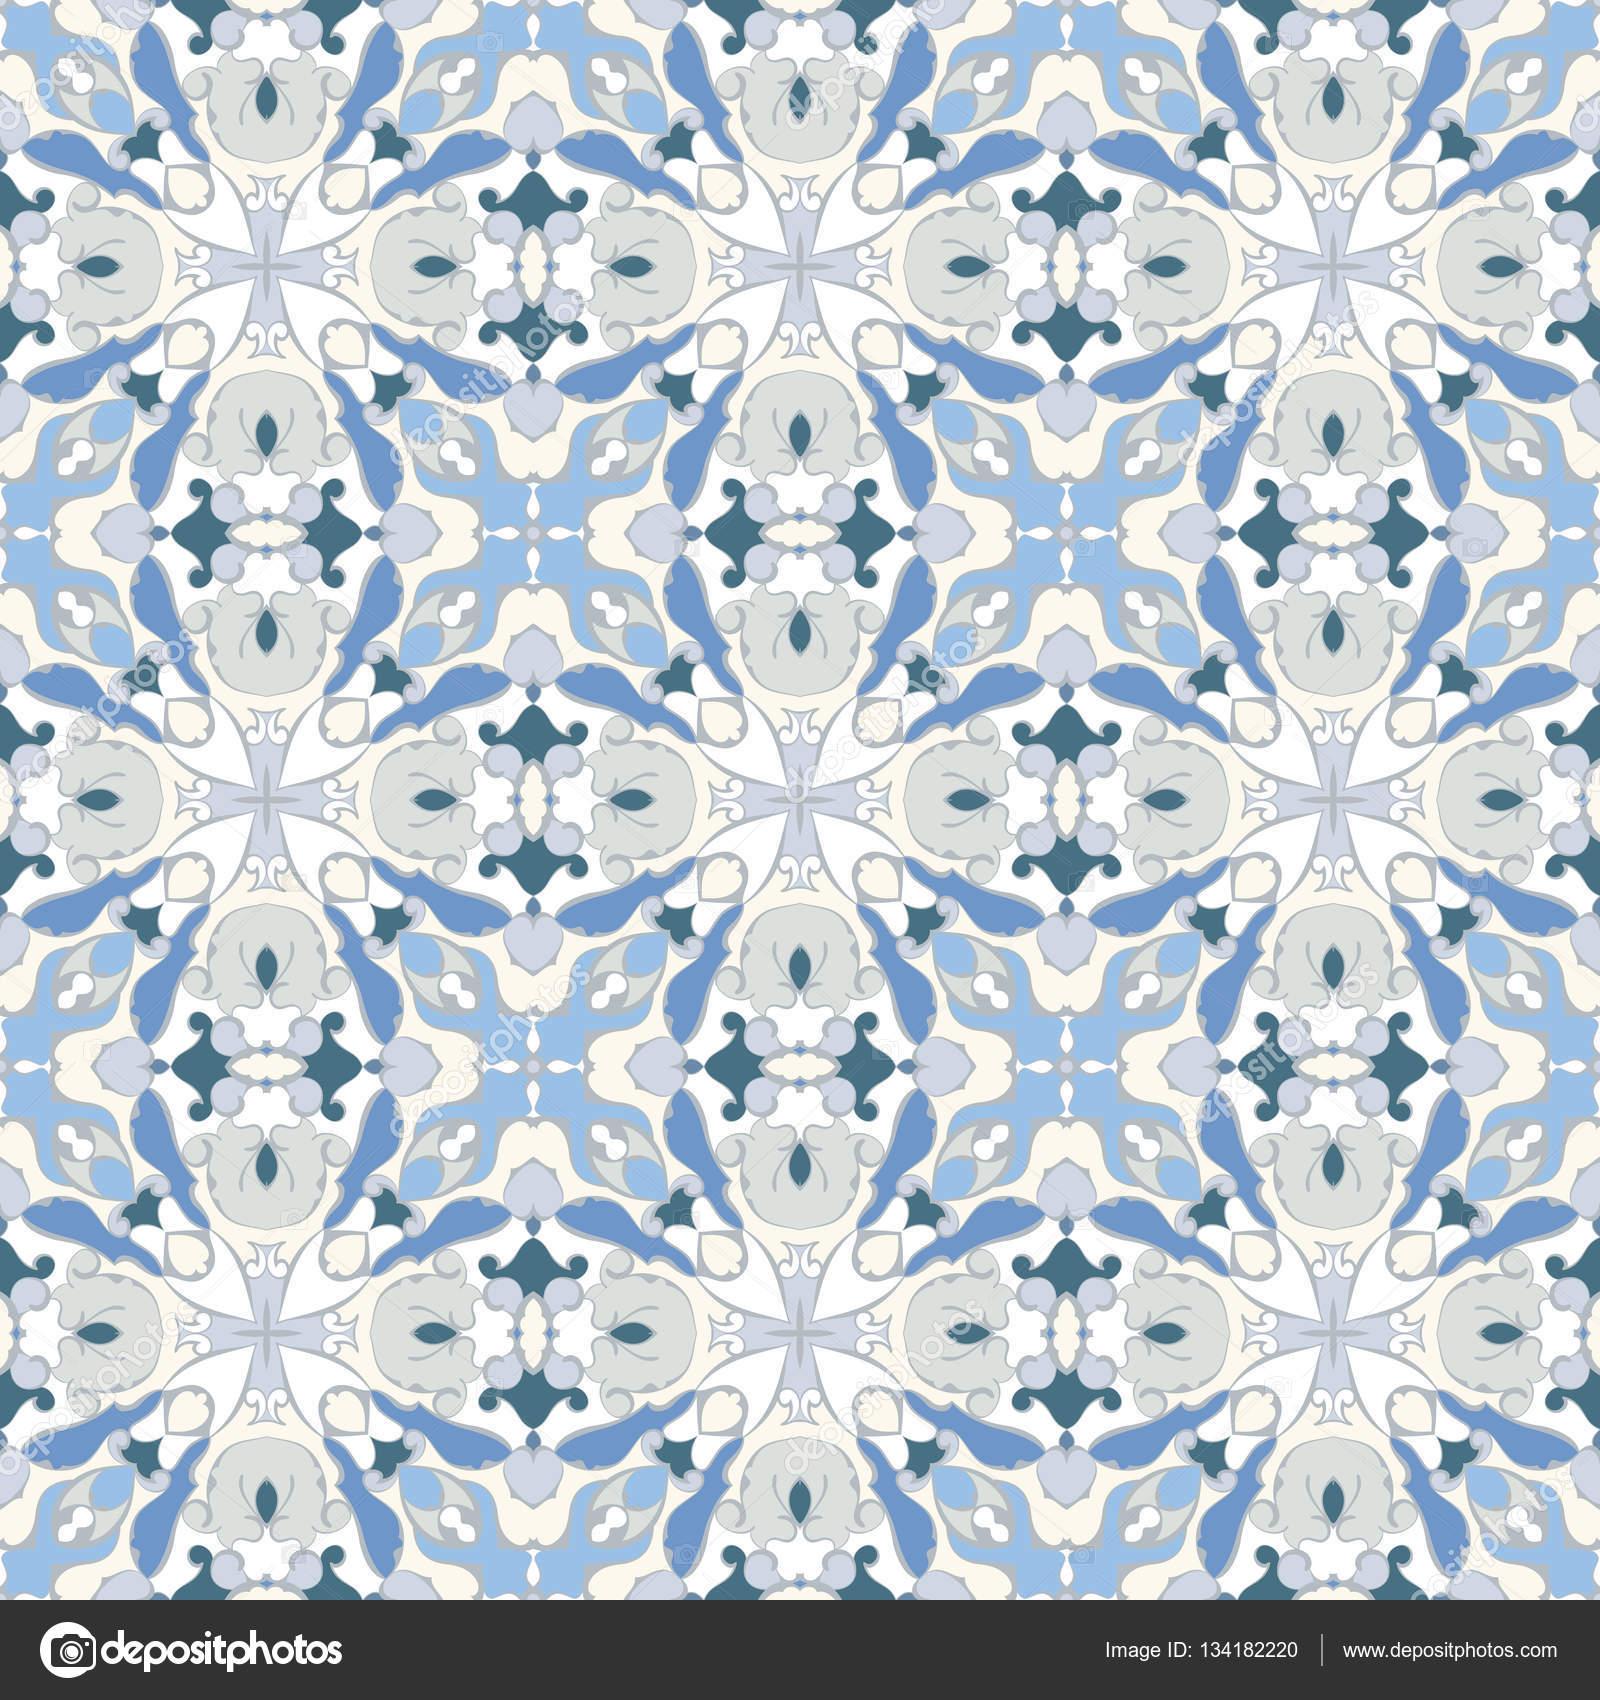 patrones simétricos sin fisuras — Vector de stock © i0645495@gmail ...